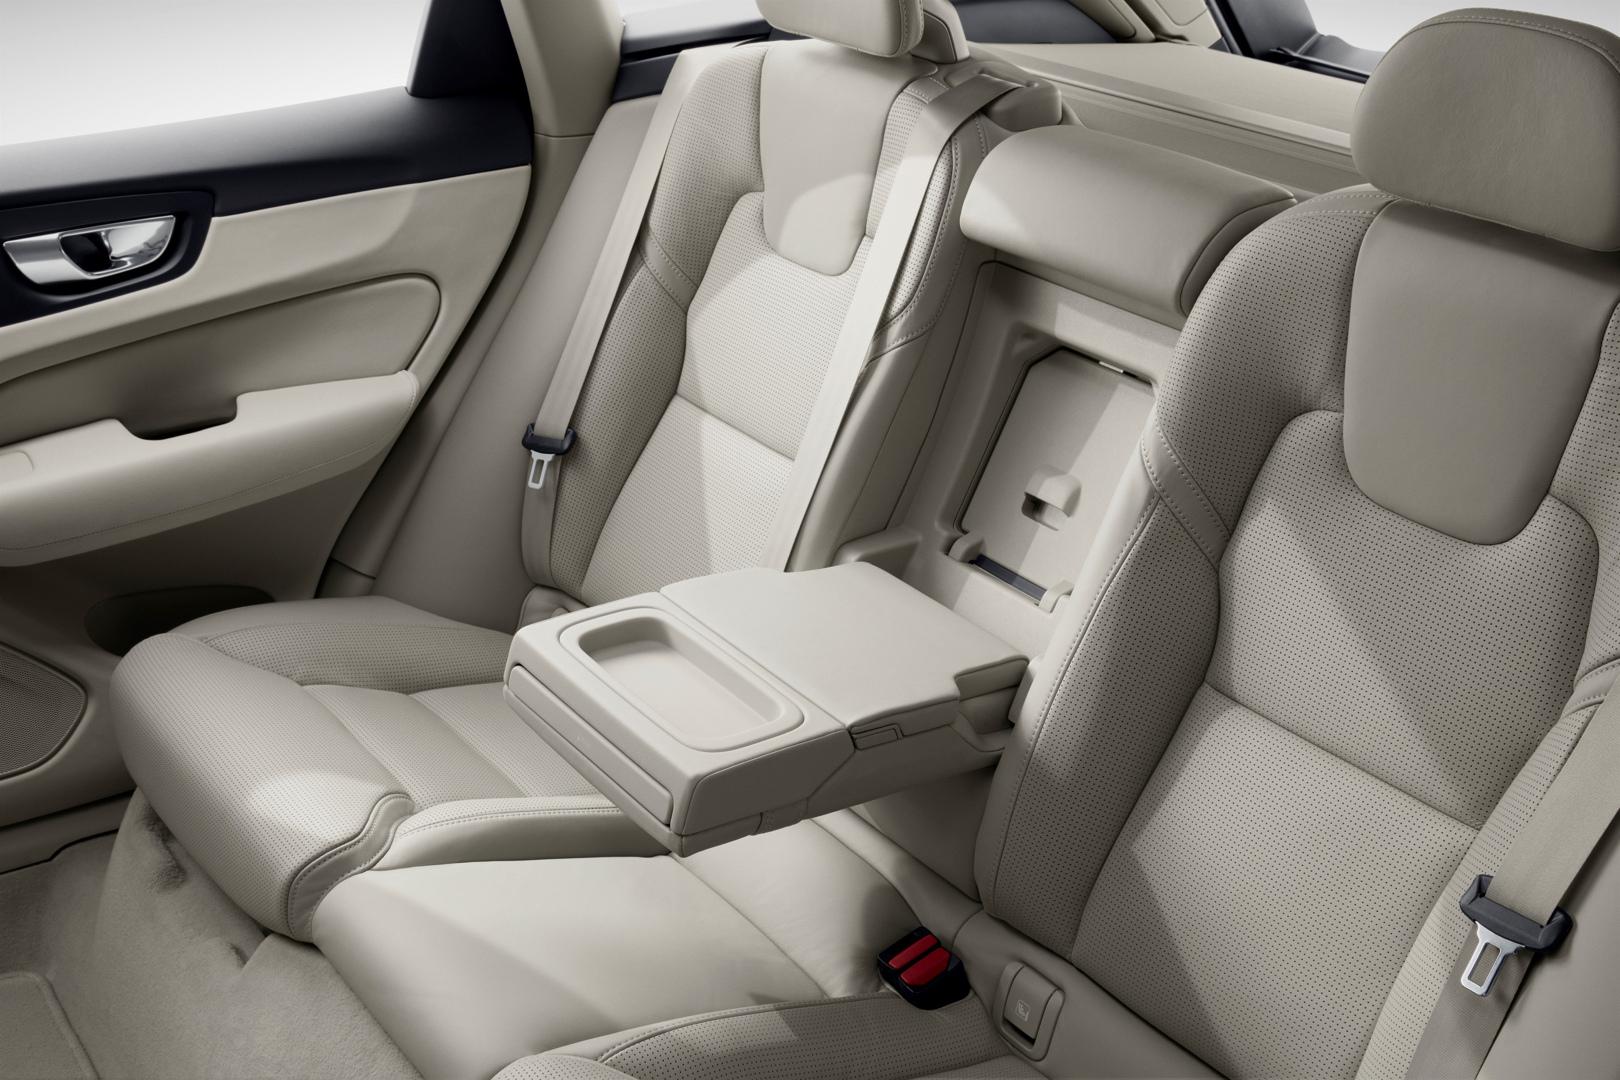 205051_The_new_Volvo_XC60